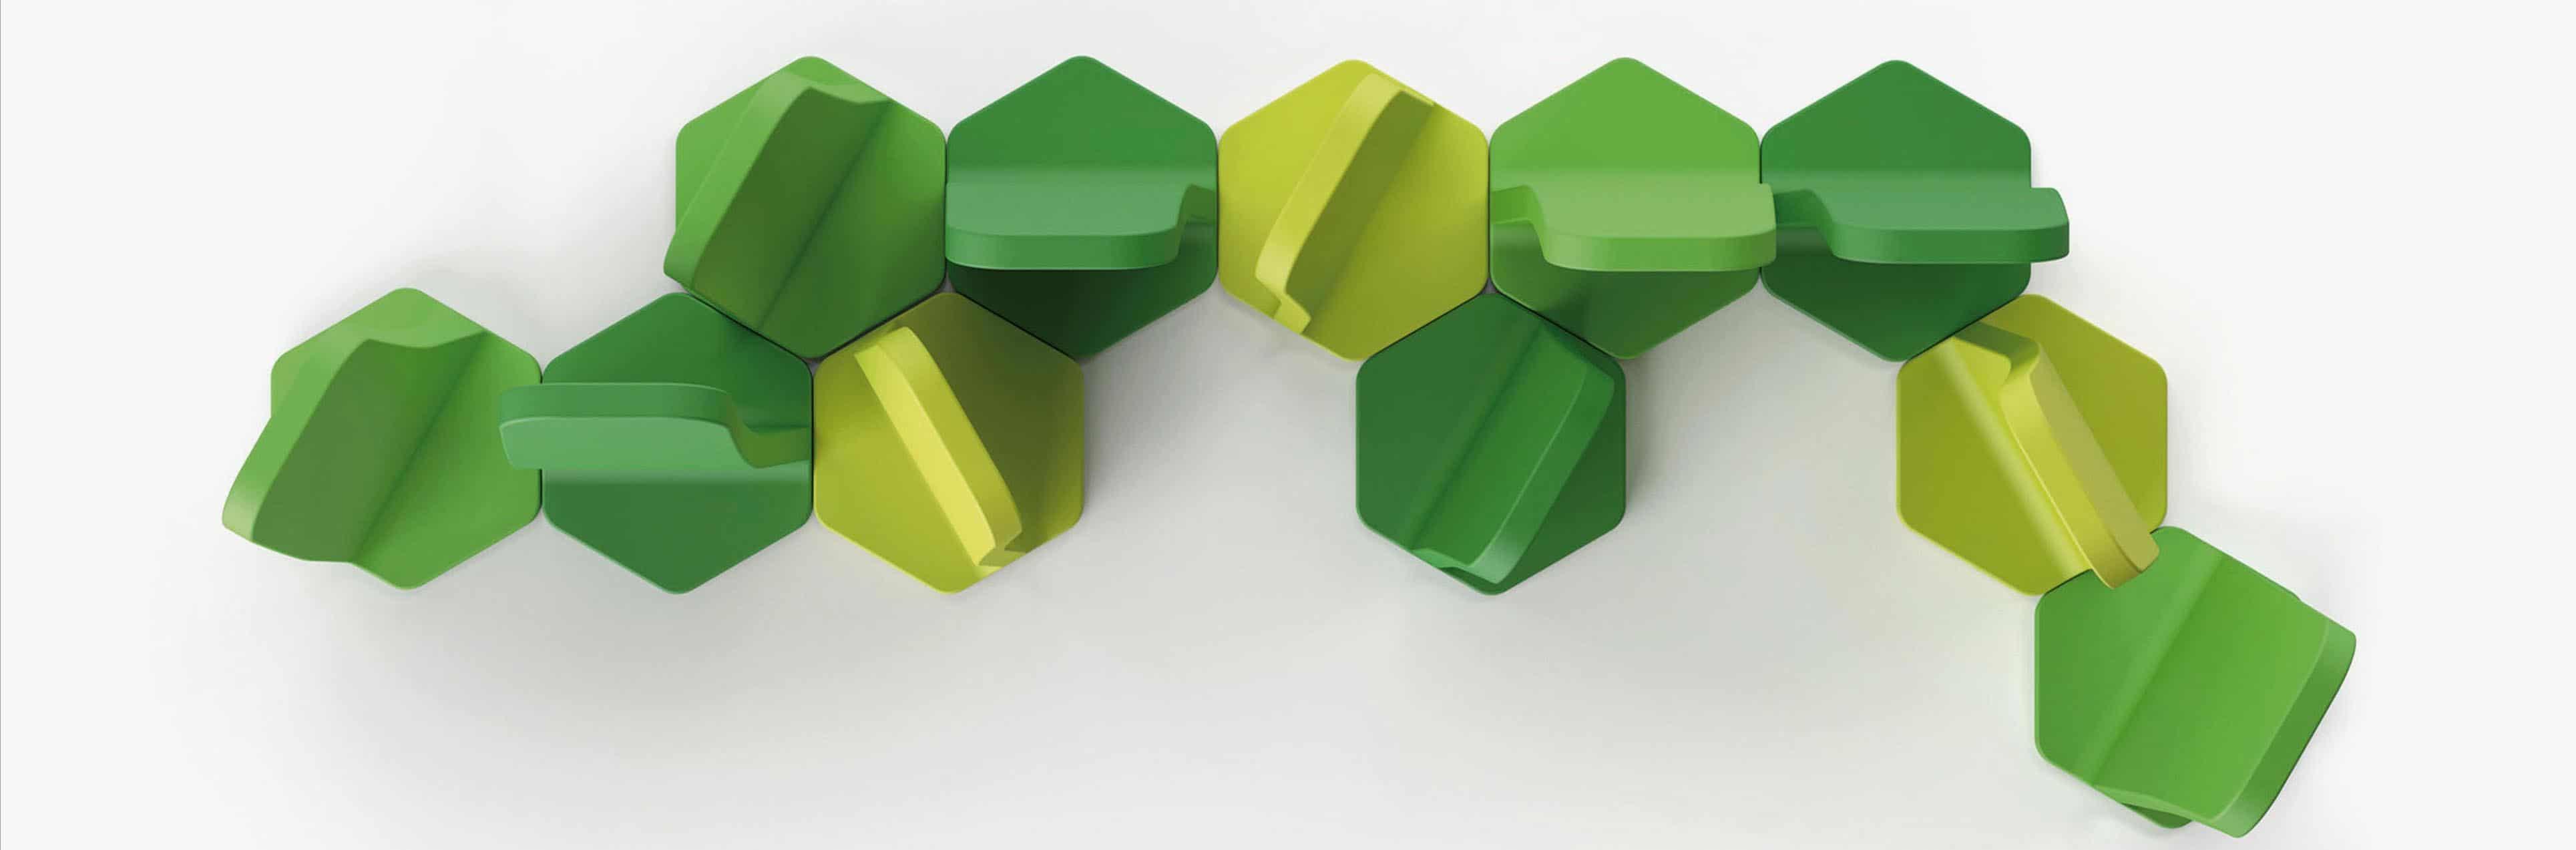 plust-collection-skulpturen-1